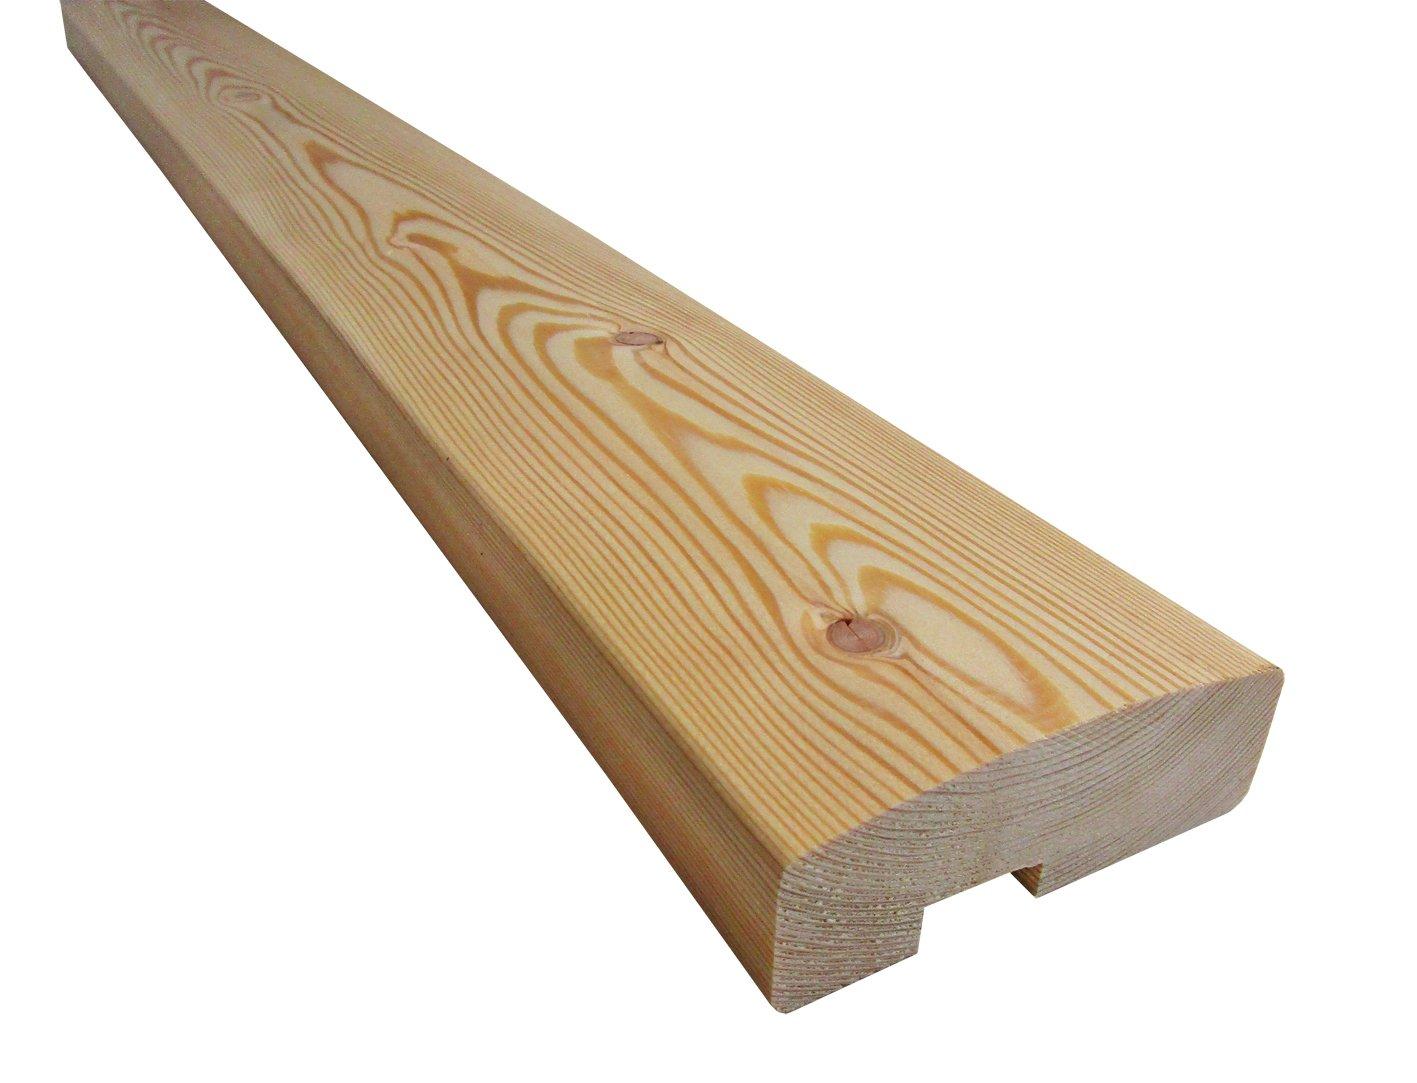 Handlauf für Holzbalkon (2 Stück) - Sibirische Lärche - 2090/1 SL (2500x92x34mm) haus-garten-versand.de